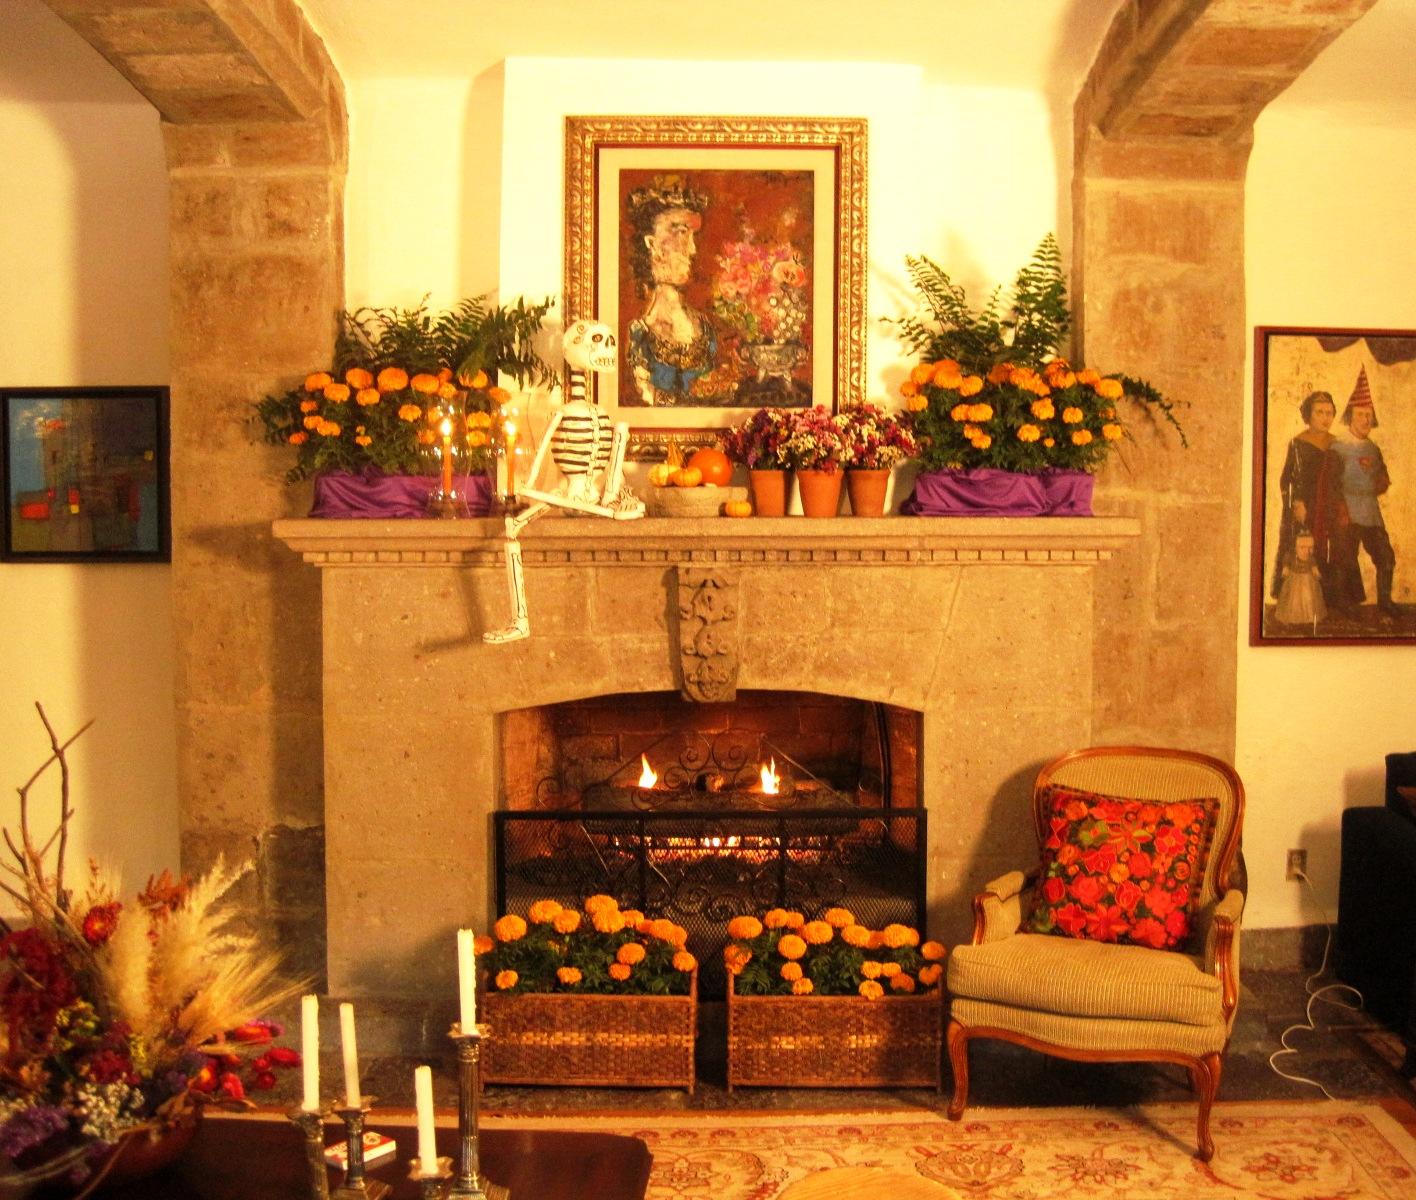 Mart nez sordo decoraci n de d a de muertos y oto o for Ideas para decorar la casa en otono